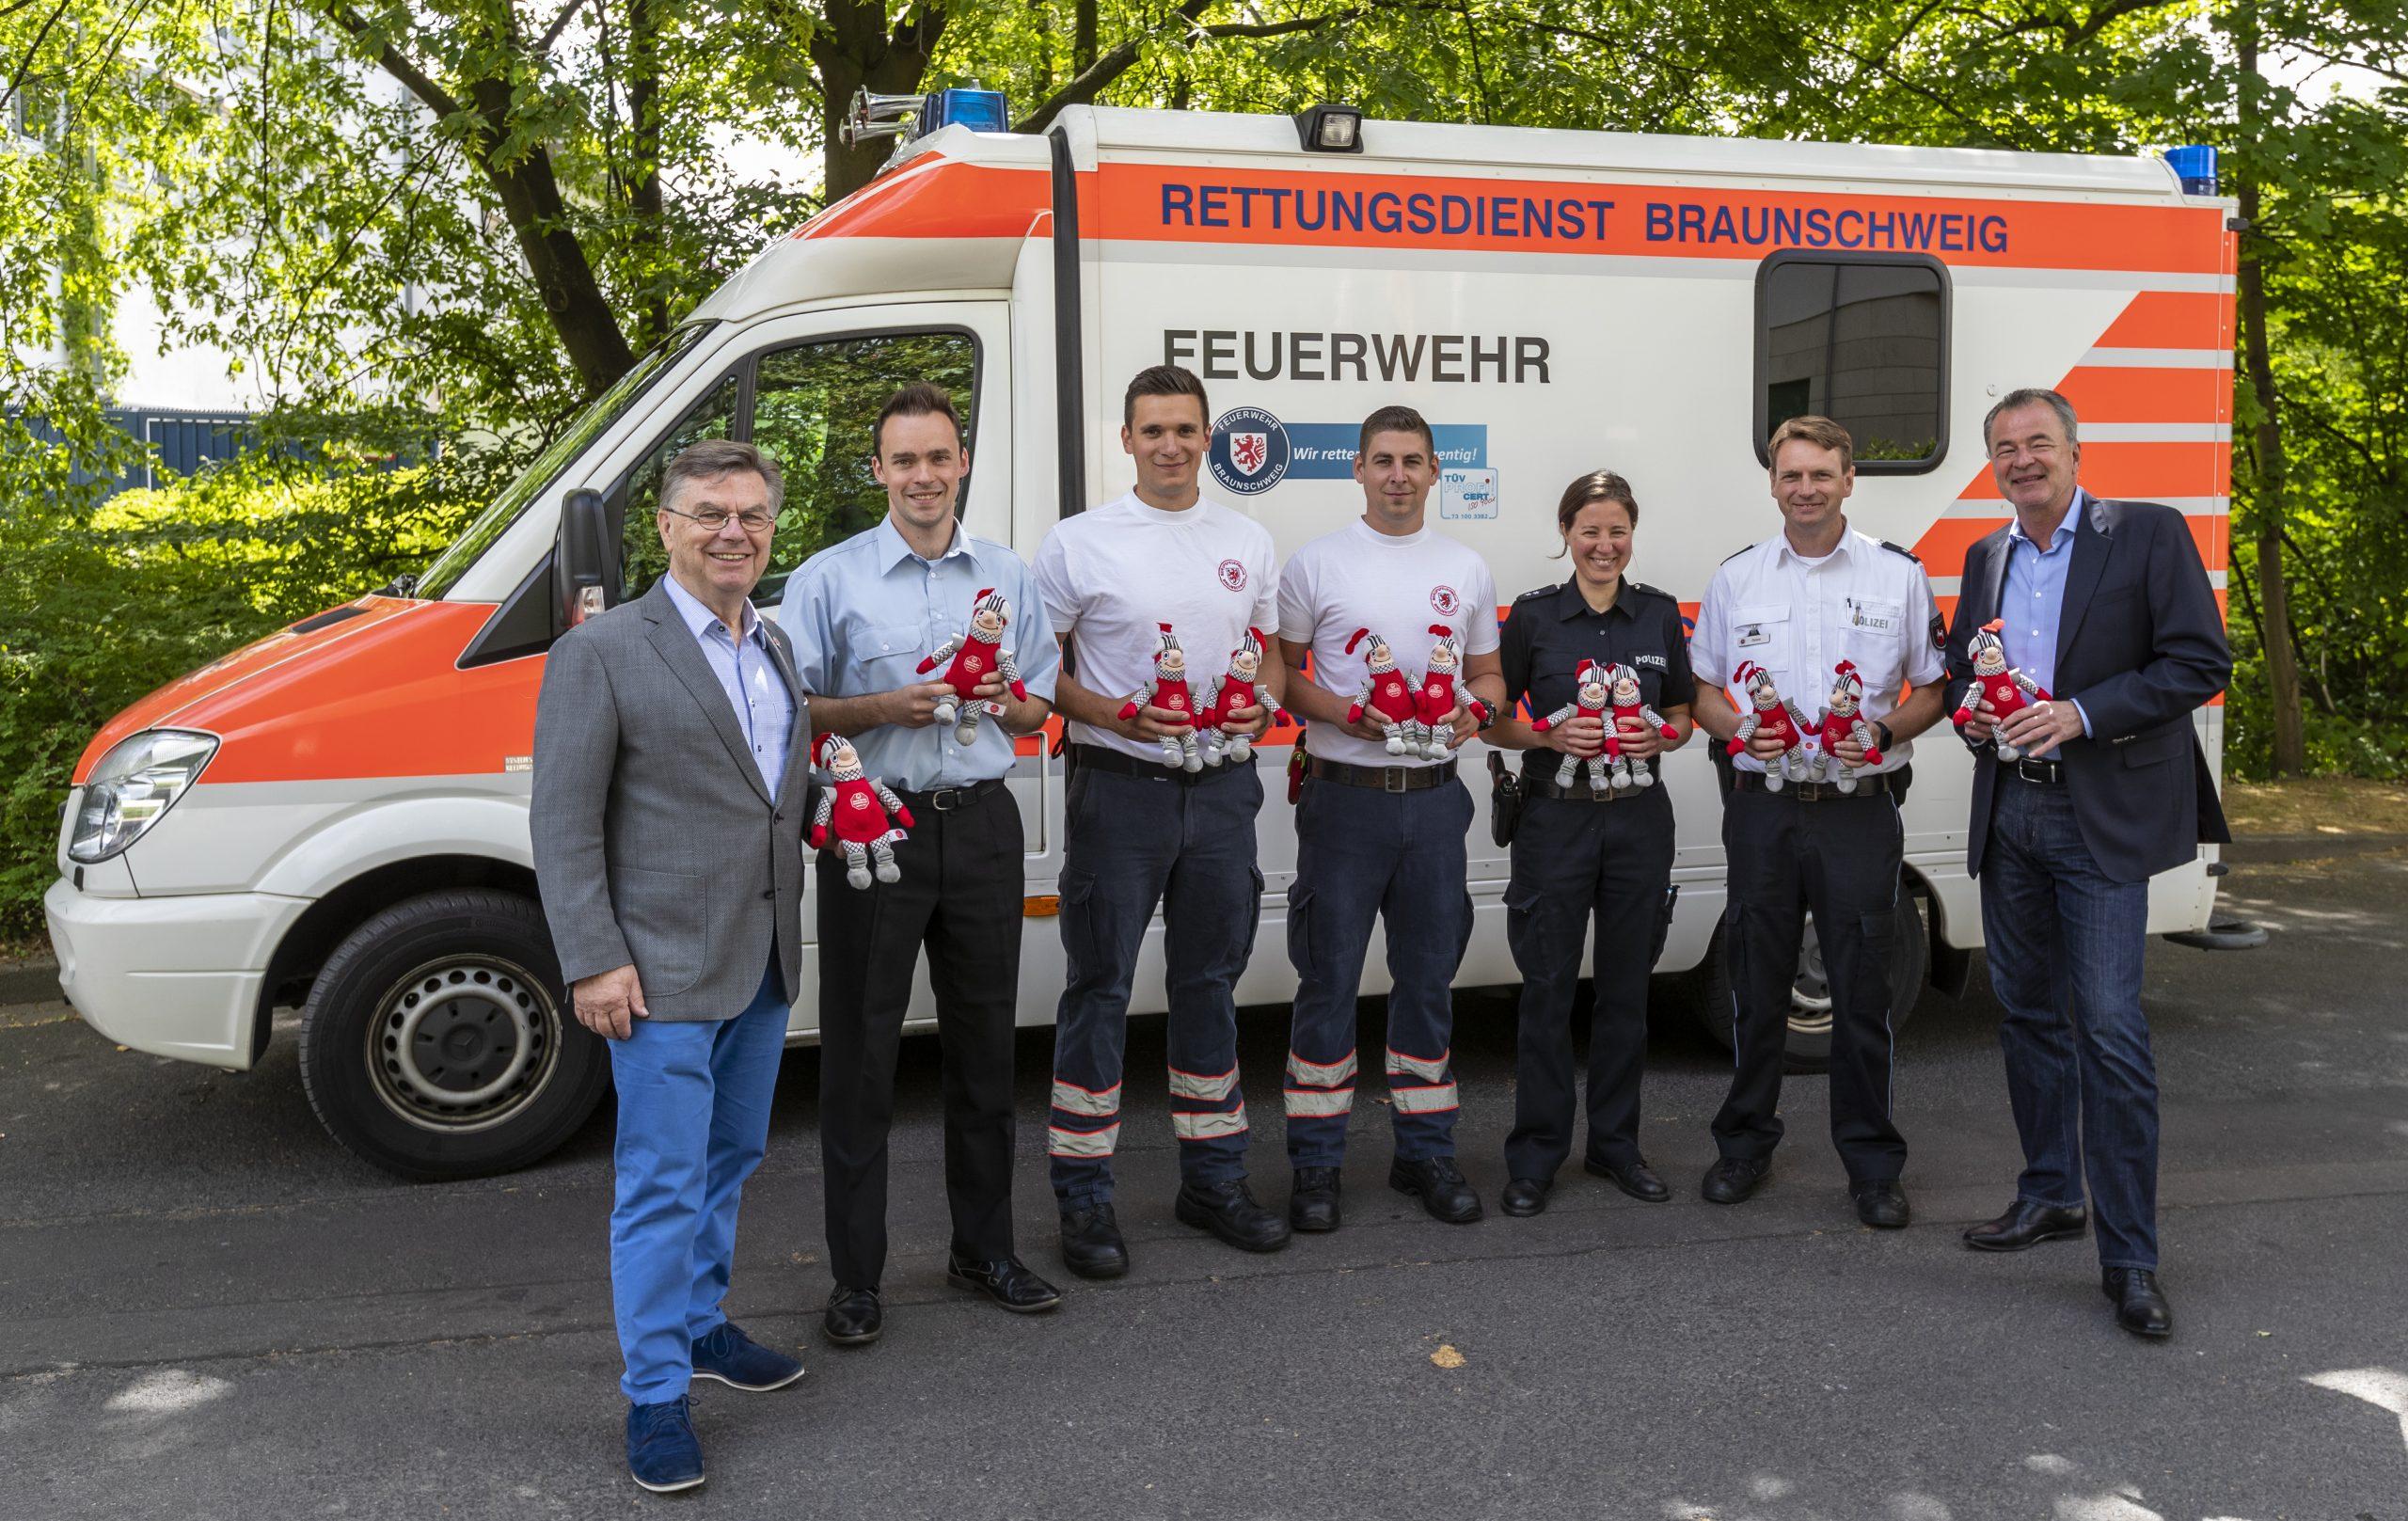 Verleihung Roter Ritter in Braunschweig